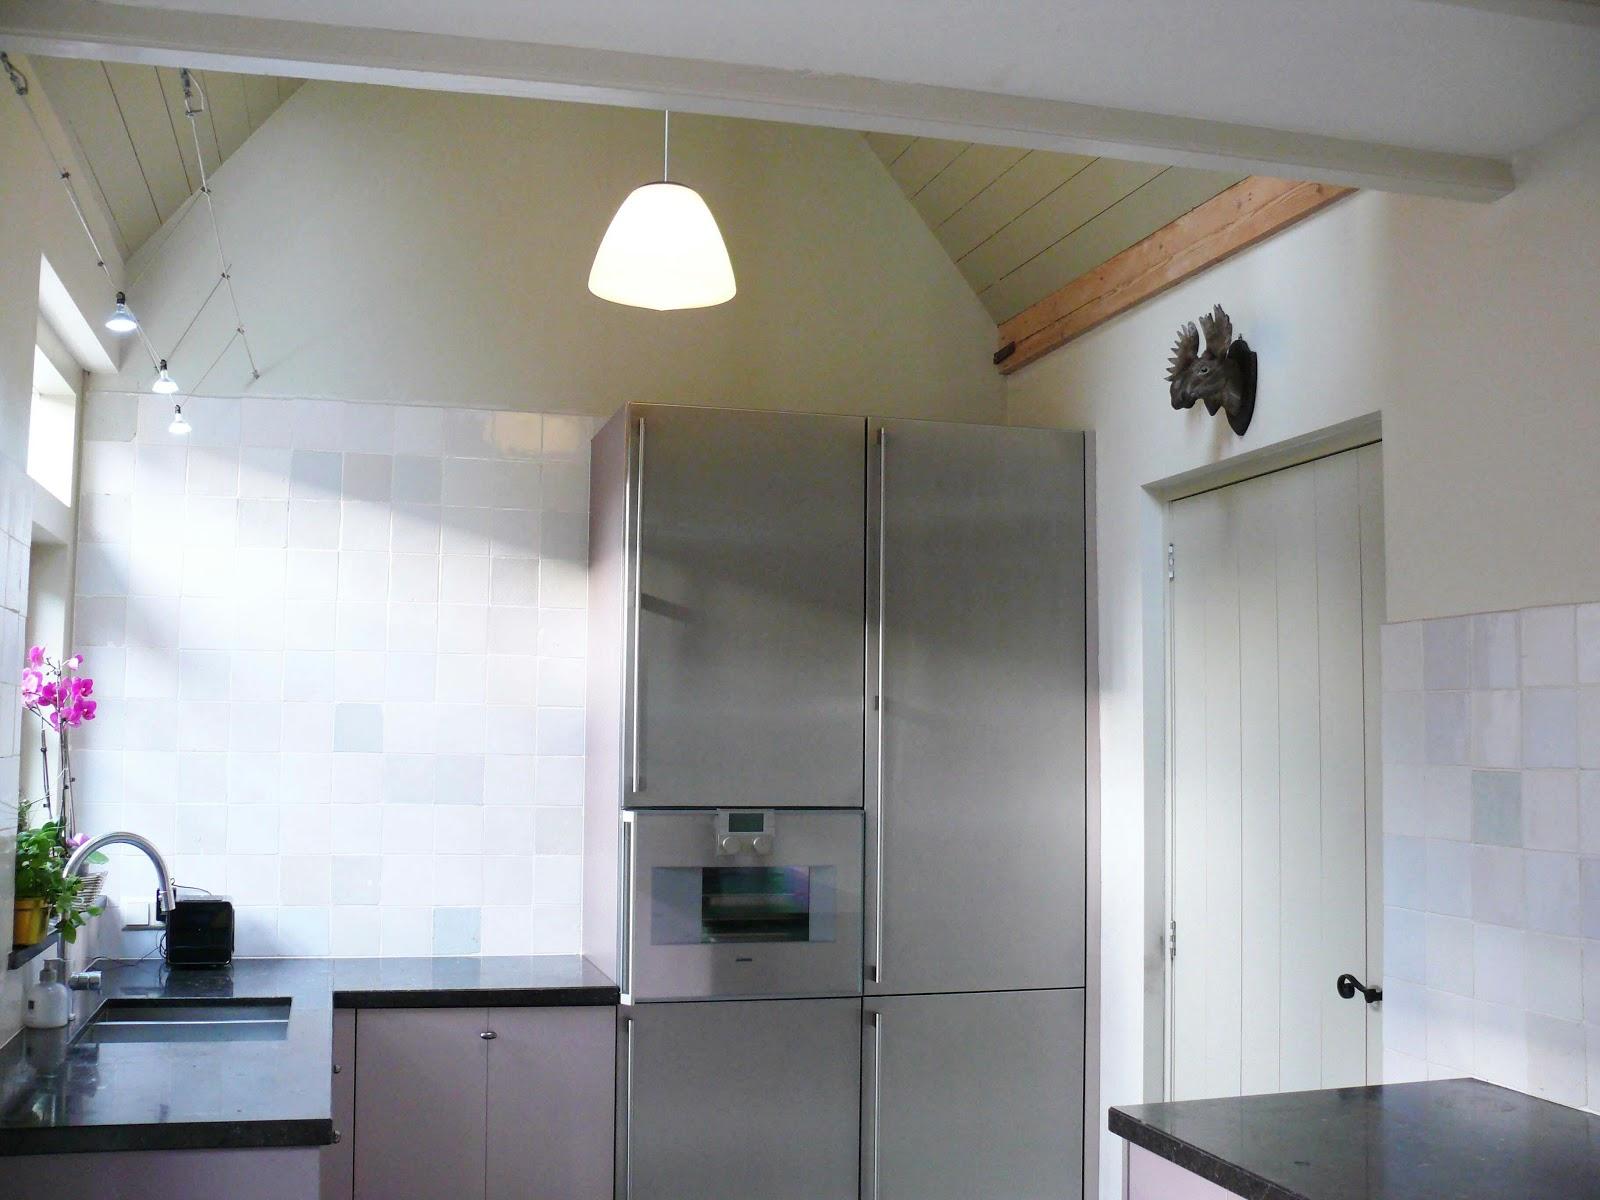 Eetkamerbank modern interieur meubilair idee n - Modern deco in oud huis ...